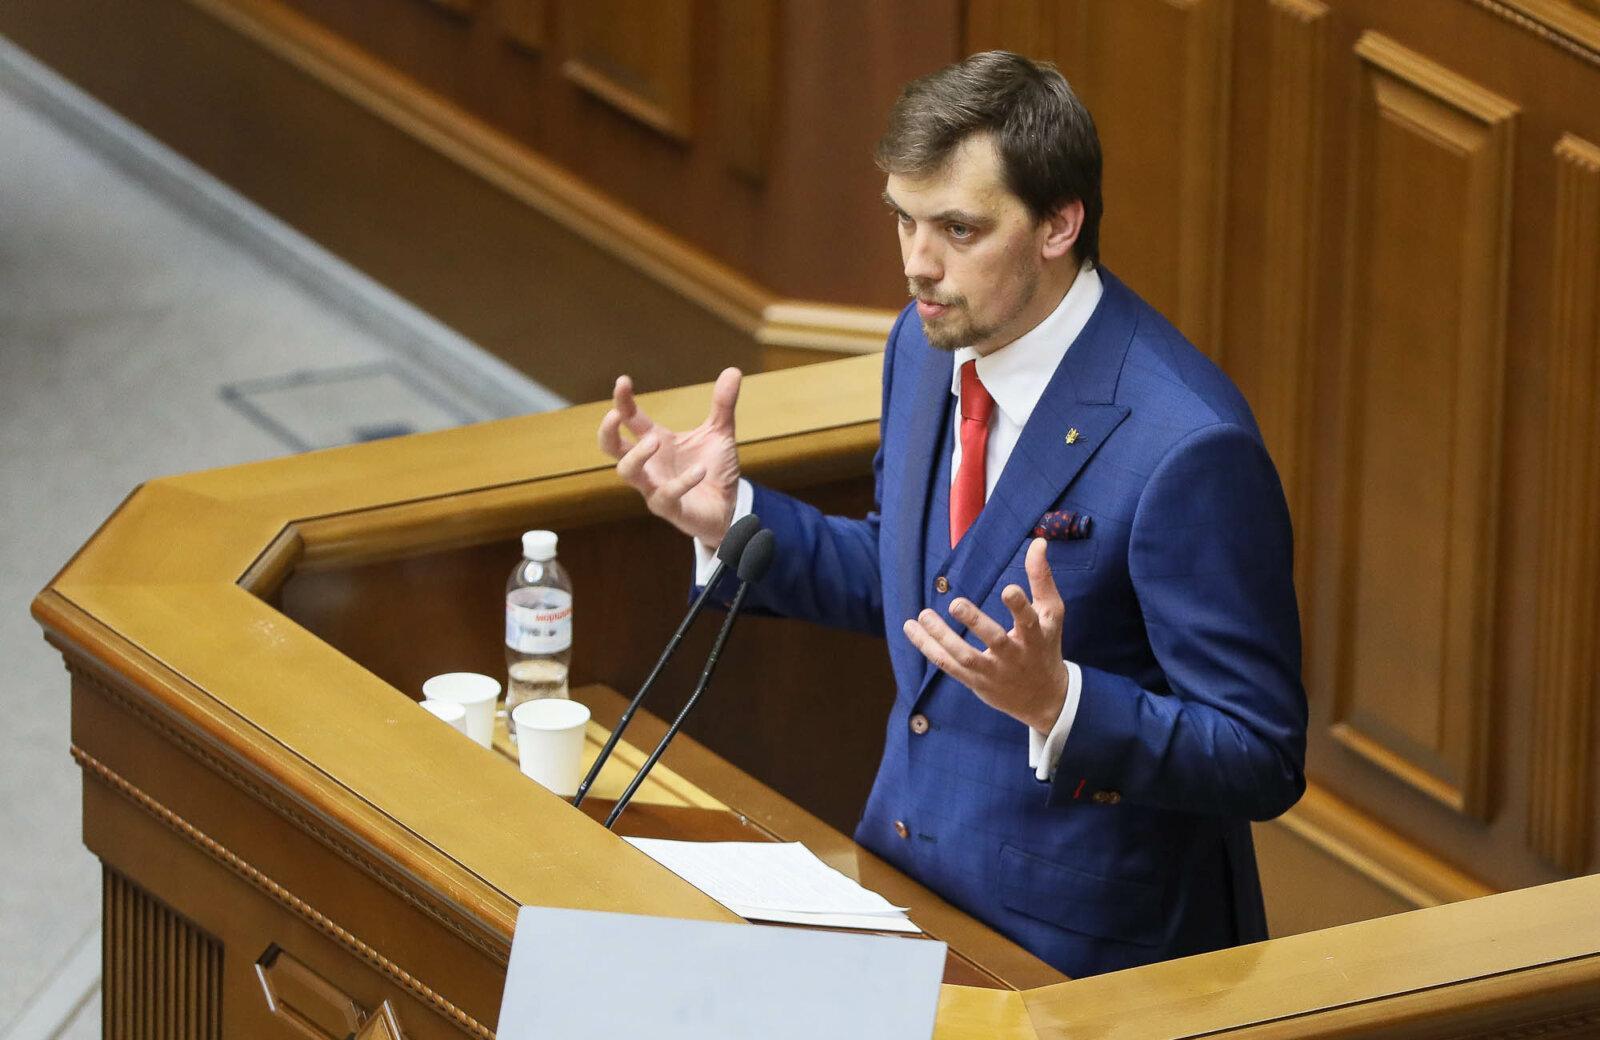 Premierul-Ucrainei-Oleksii-Honcearuk-o-mutare-surpriză-a-președintelui-Zelensky